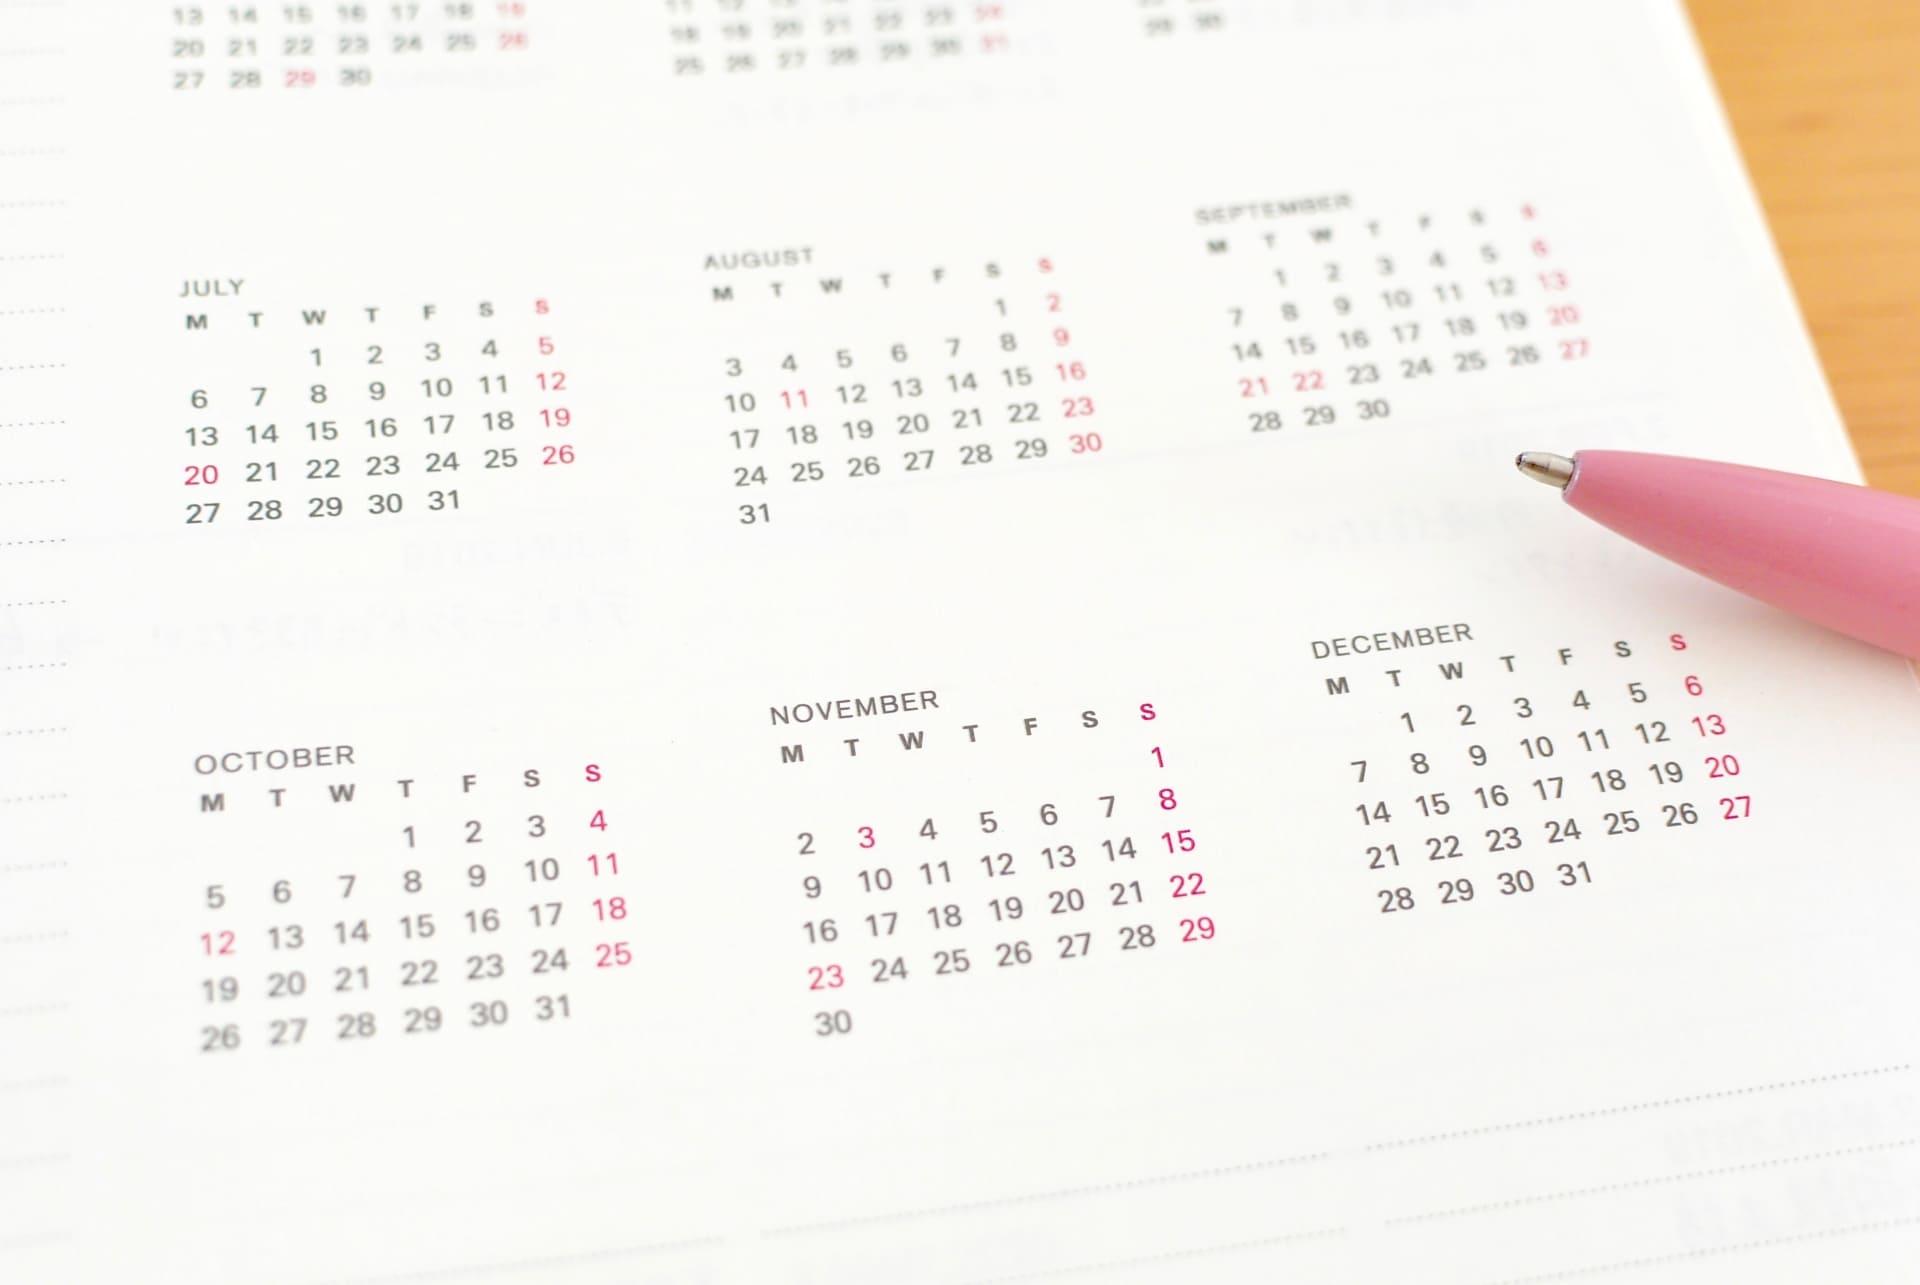 誕生日占い|鏡リュウジが生年月日で占う、あなたの2021年下半期の運勢